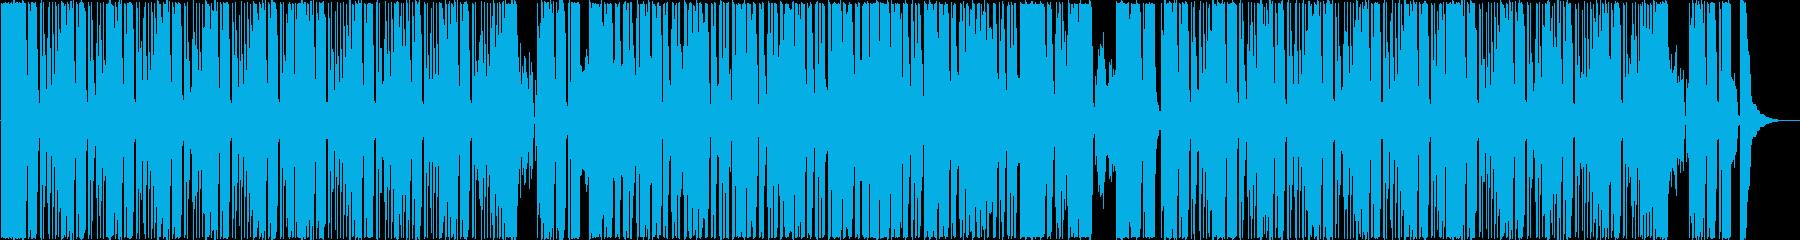 Funk / Youtuber / TV / BGM's reproduced waveform